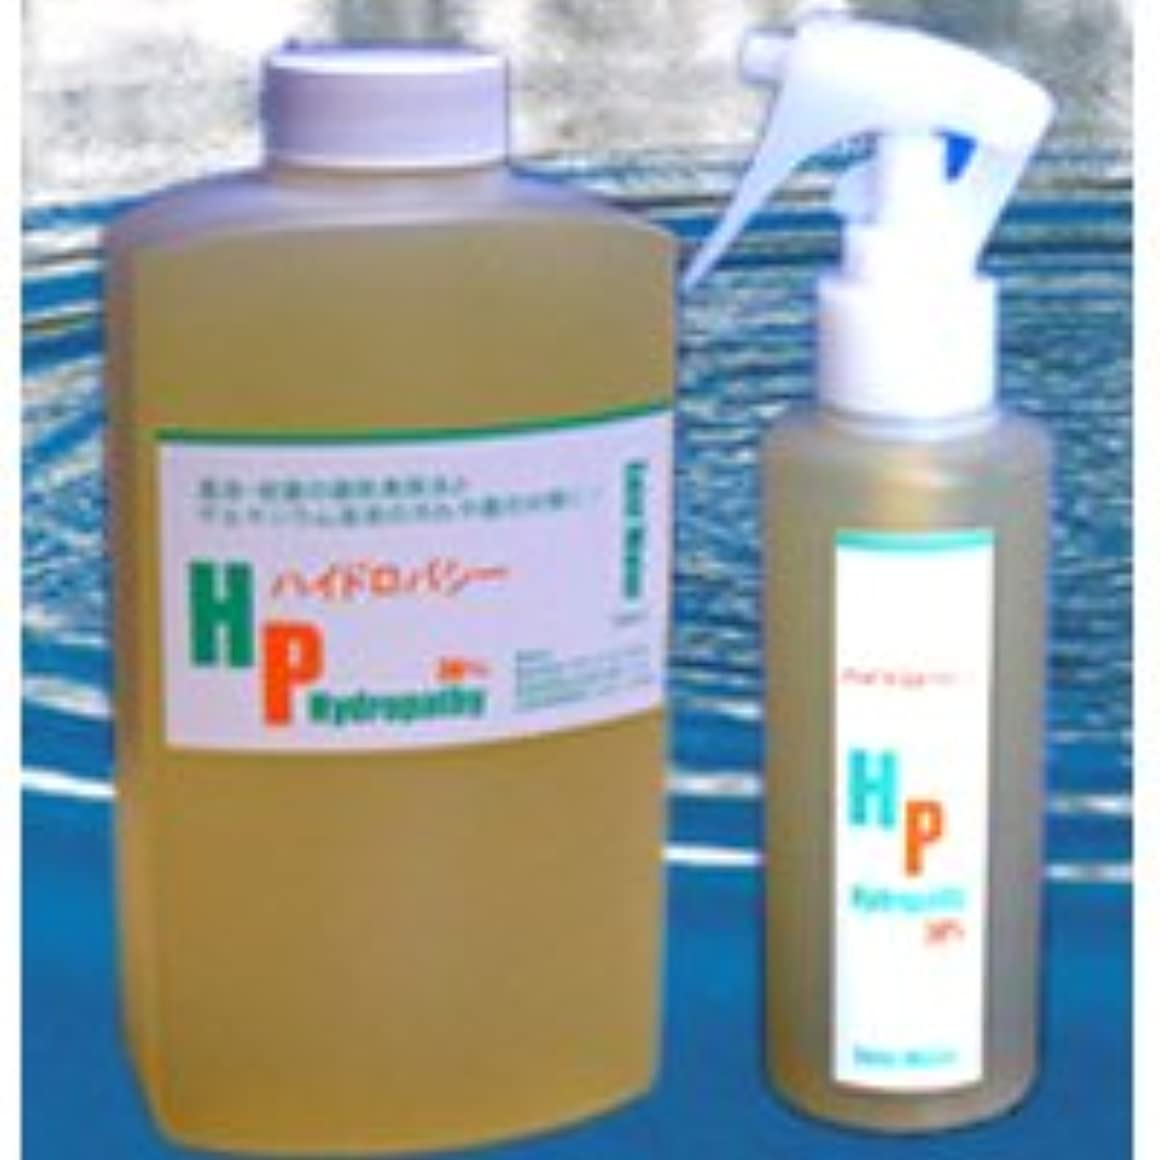 根絶する連続した不格好ハイドロパシー 550ml(培養濃度 30%)